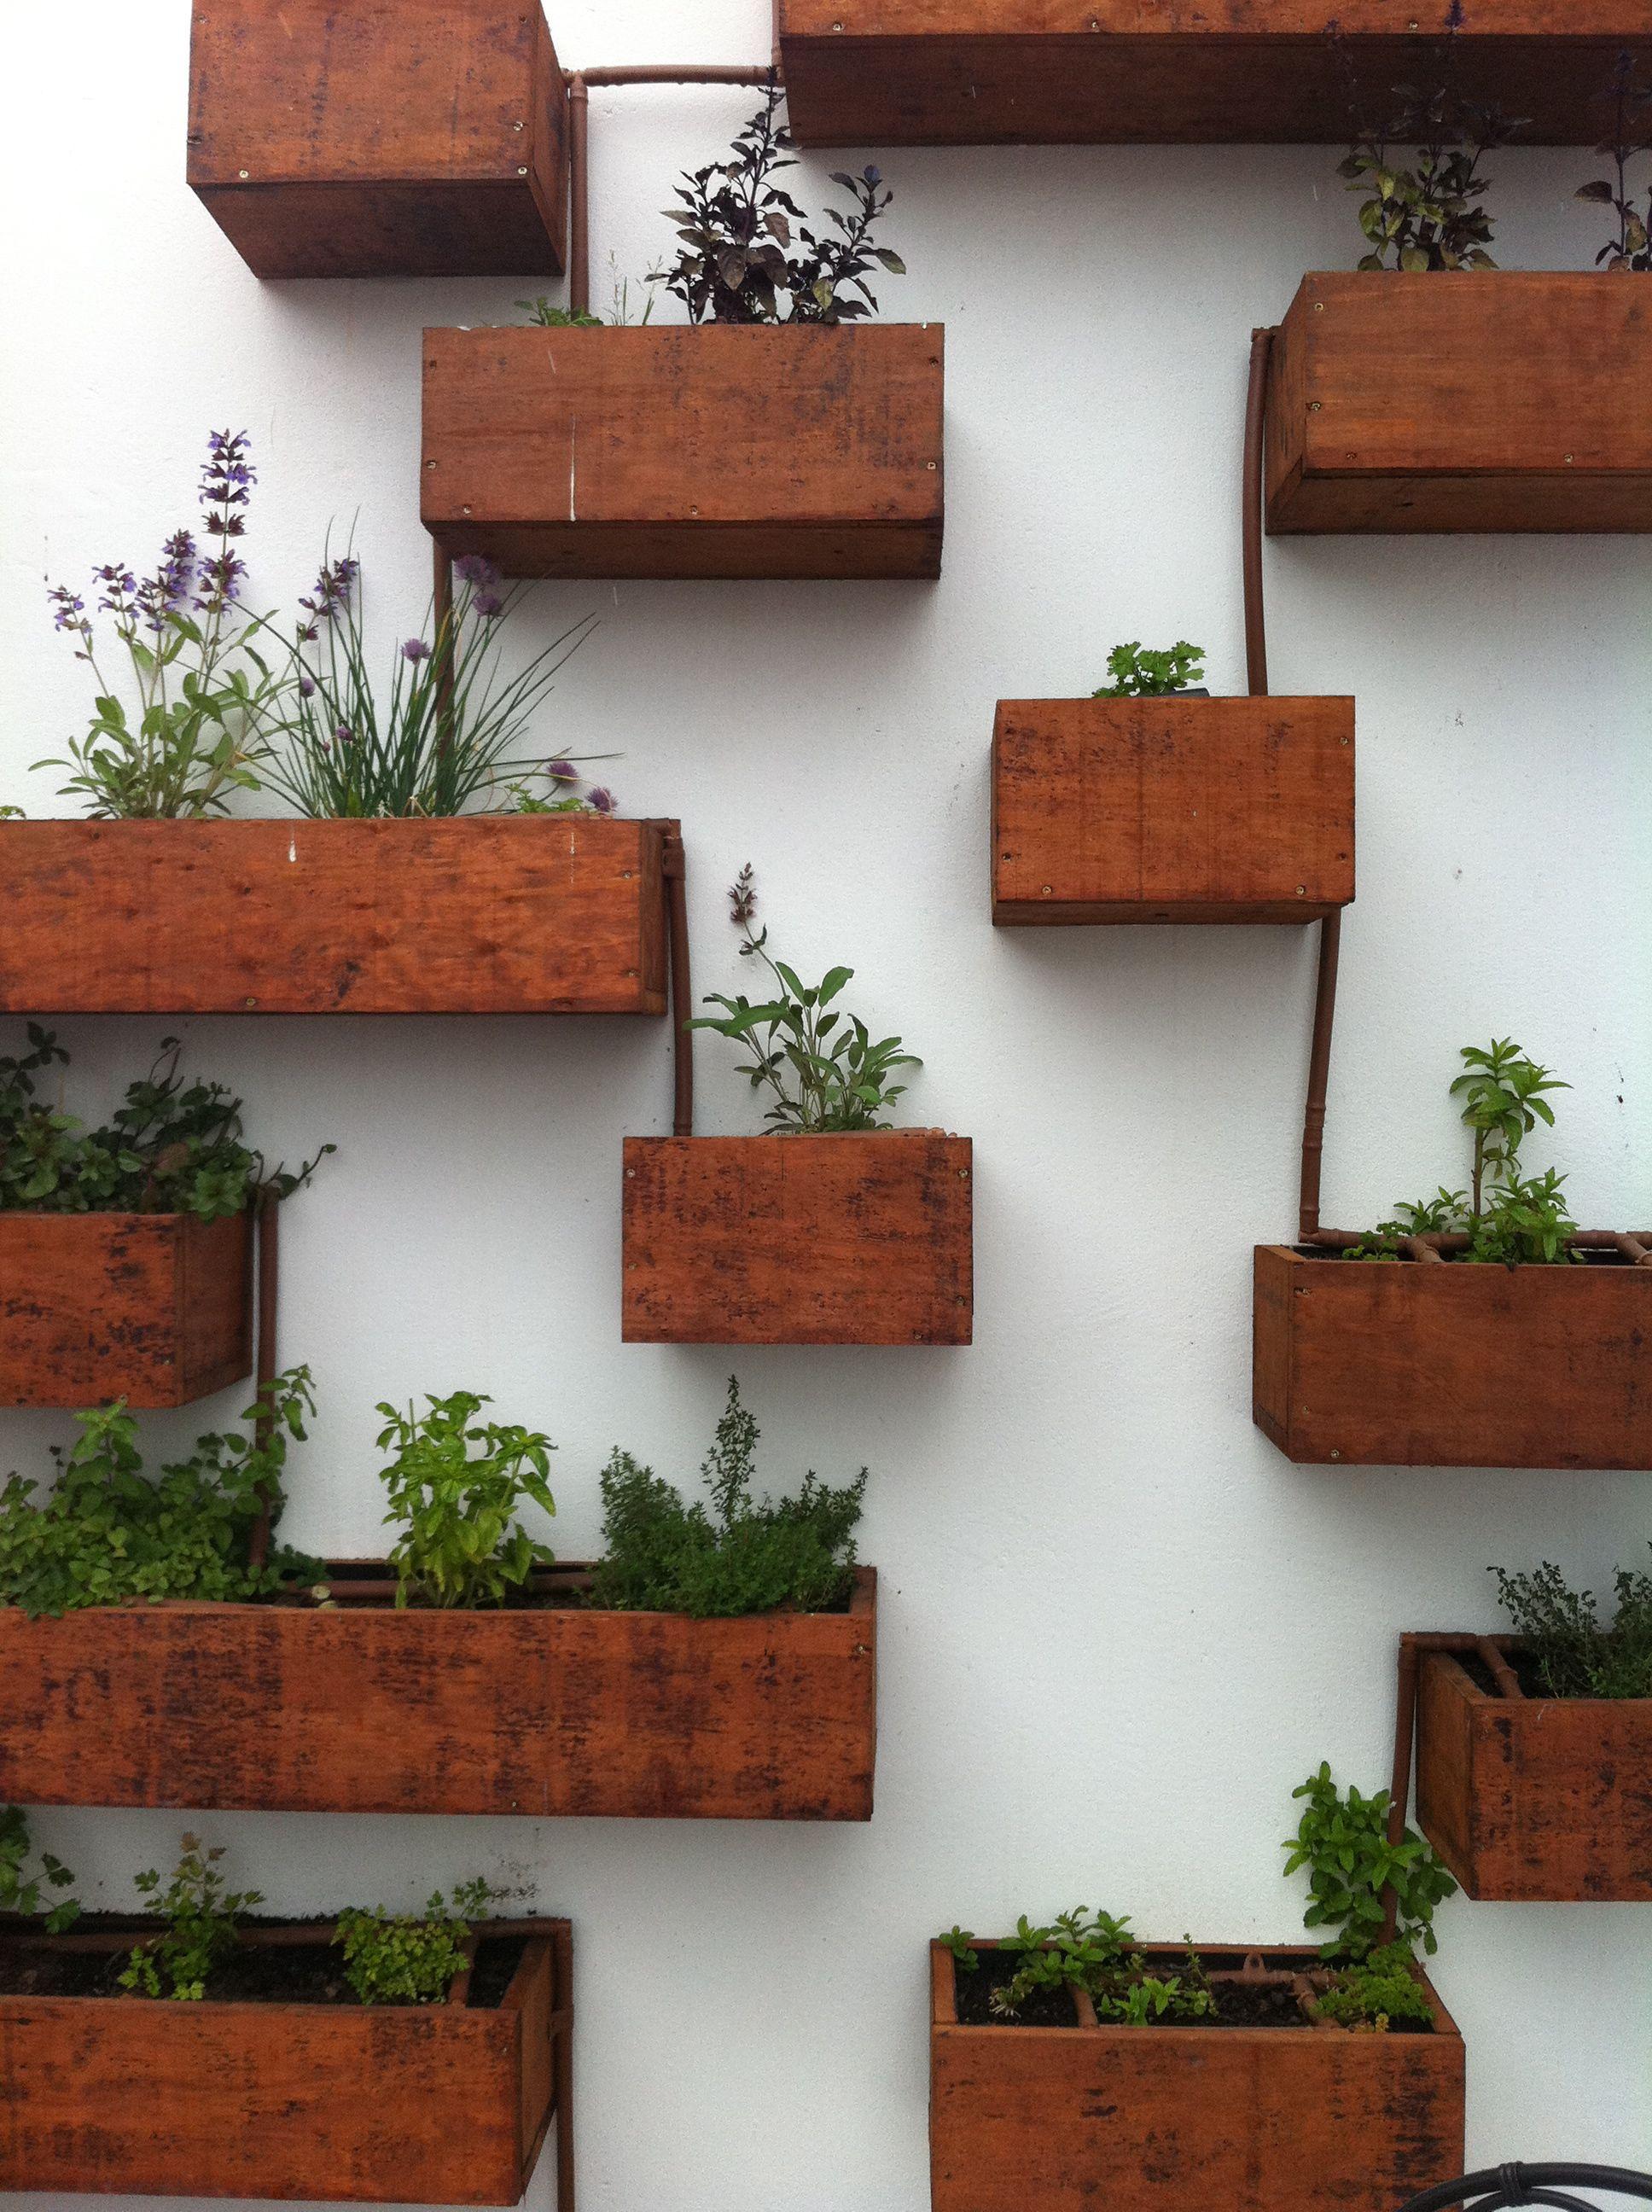 Indoor Hanging Garden Ideas how to green your home part 1 build an indoor vertical garden youtube Gardens